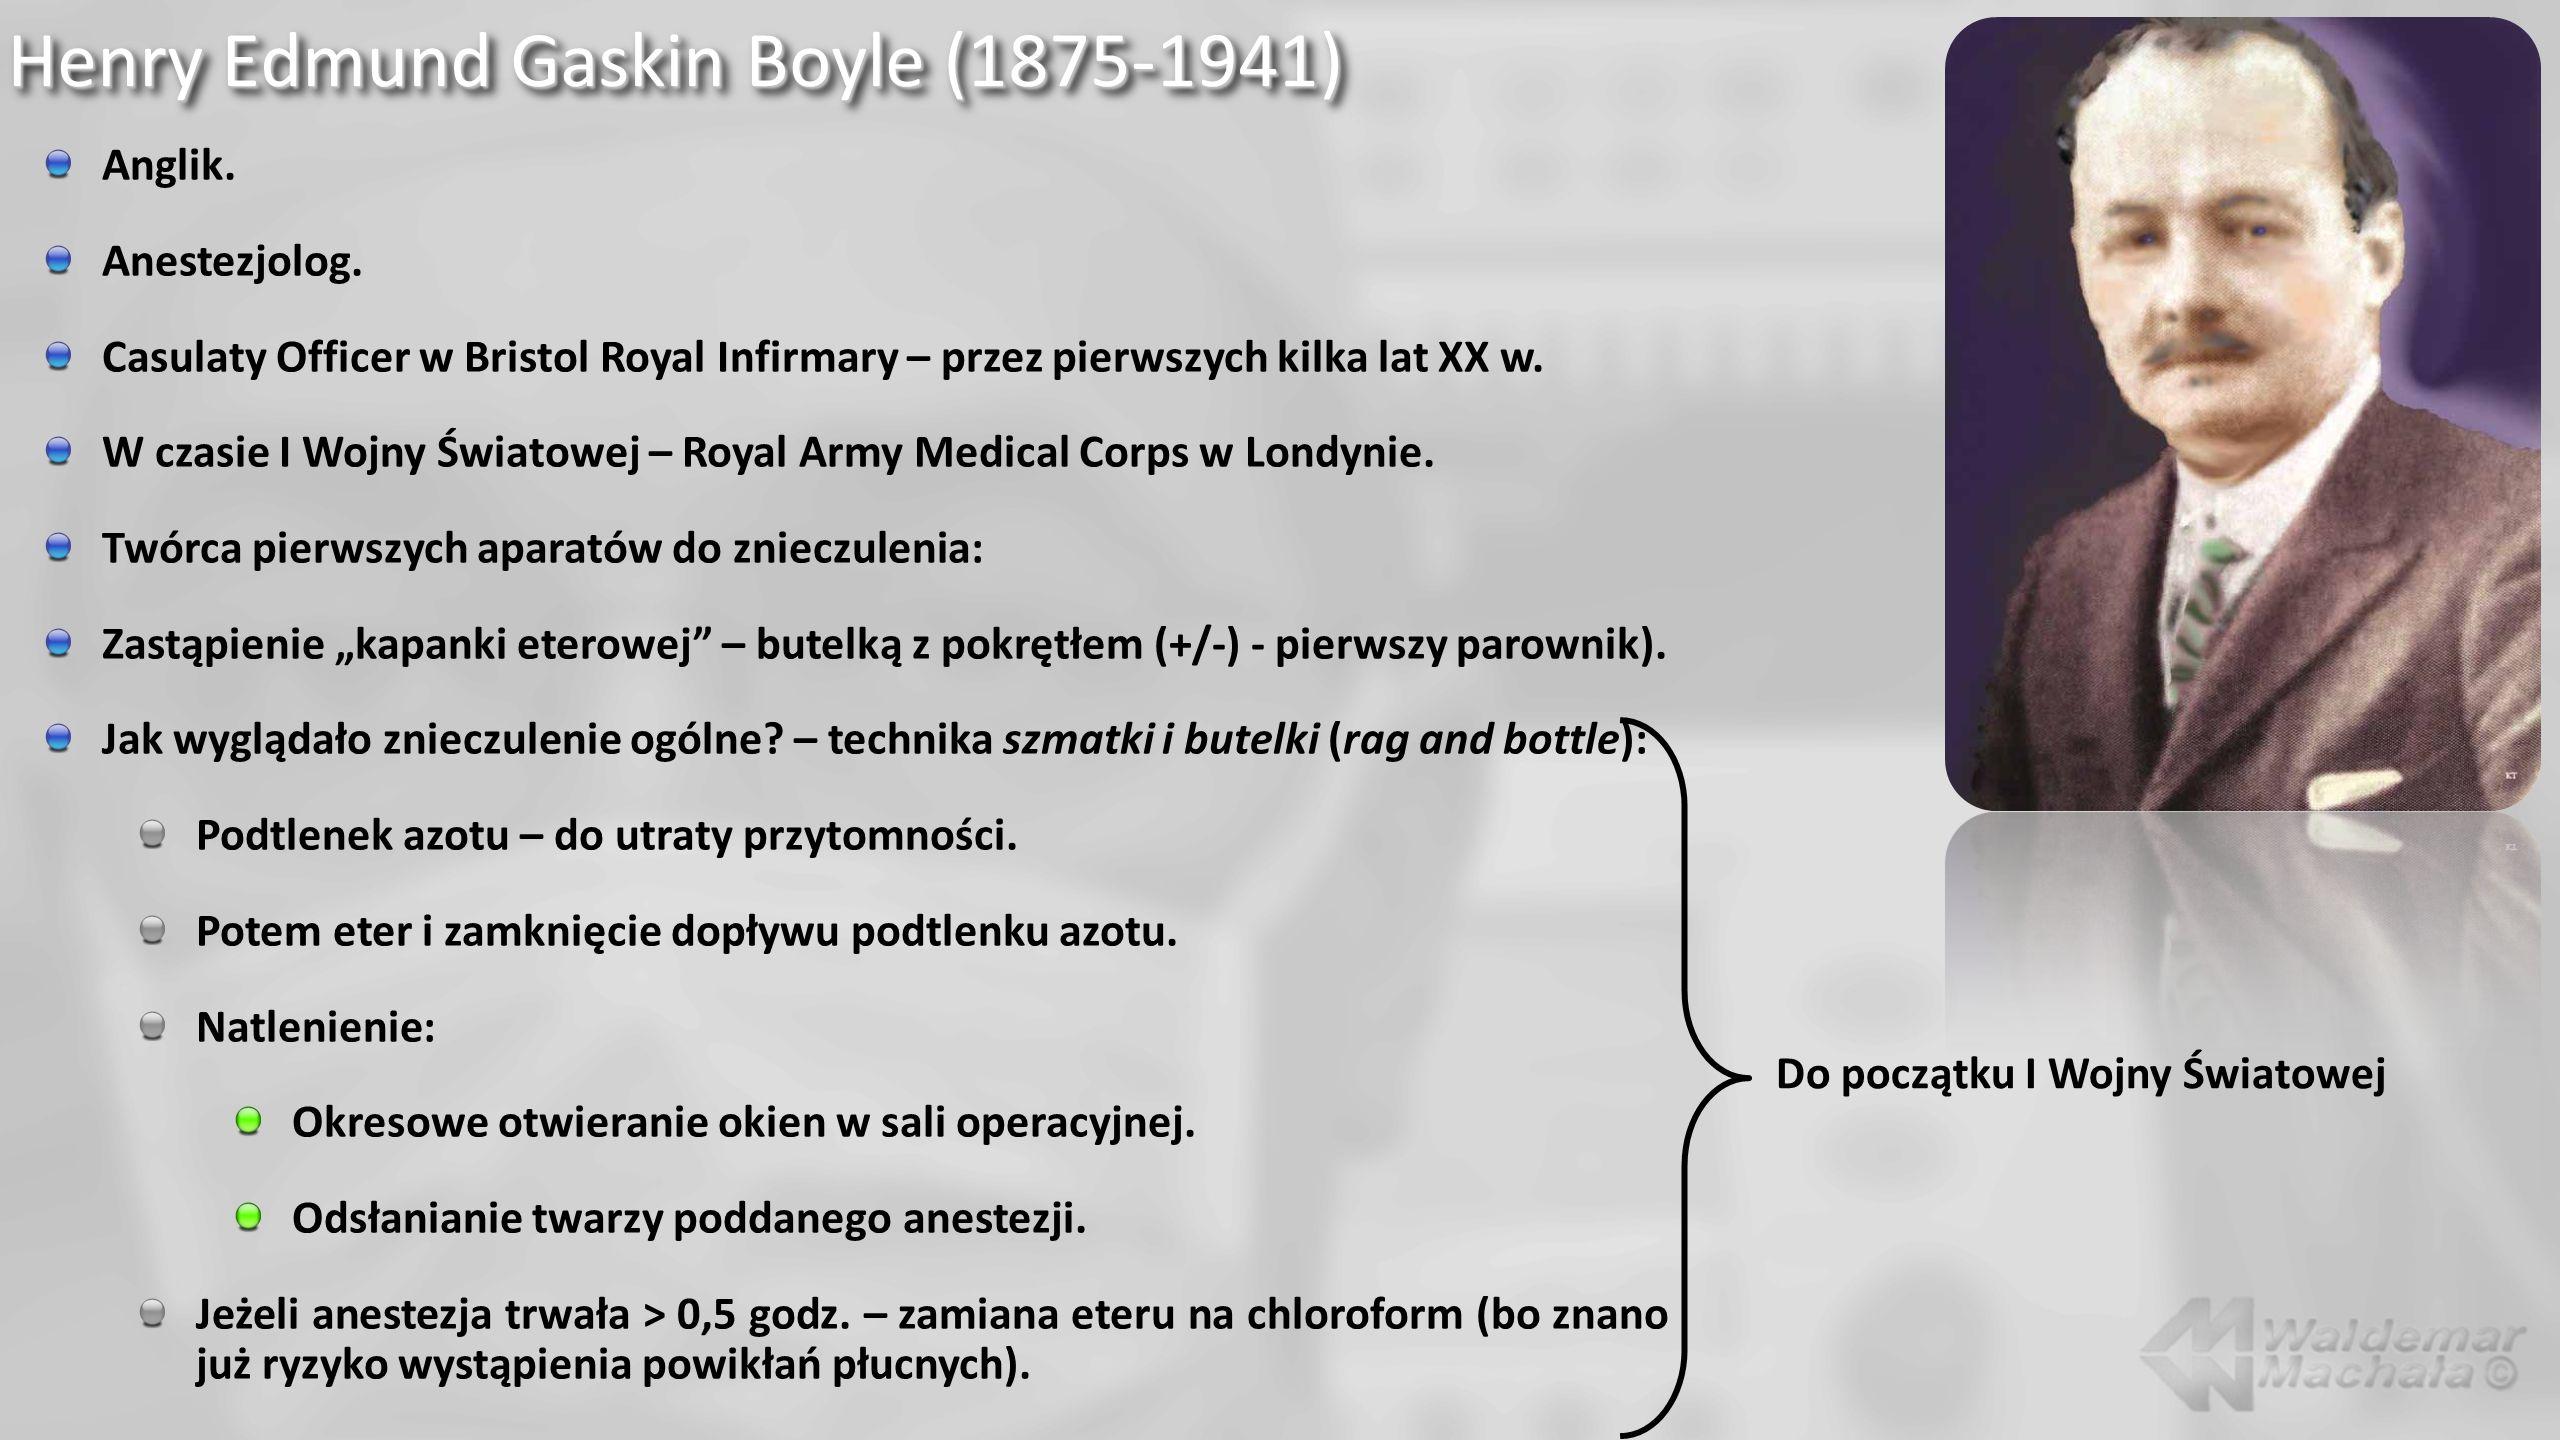 Henry Edmund Gaskin Boyle (1875-1941)